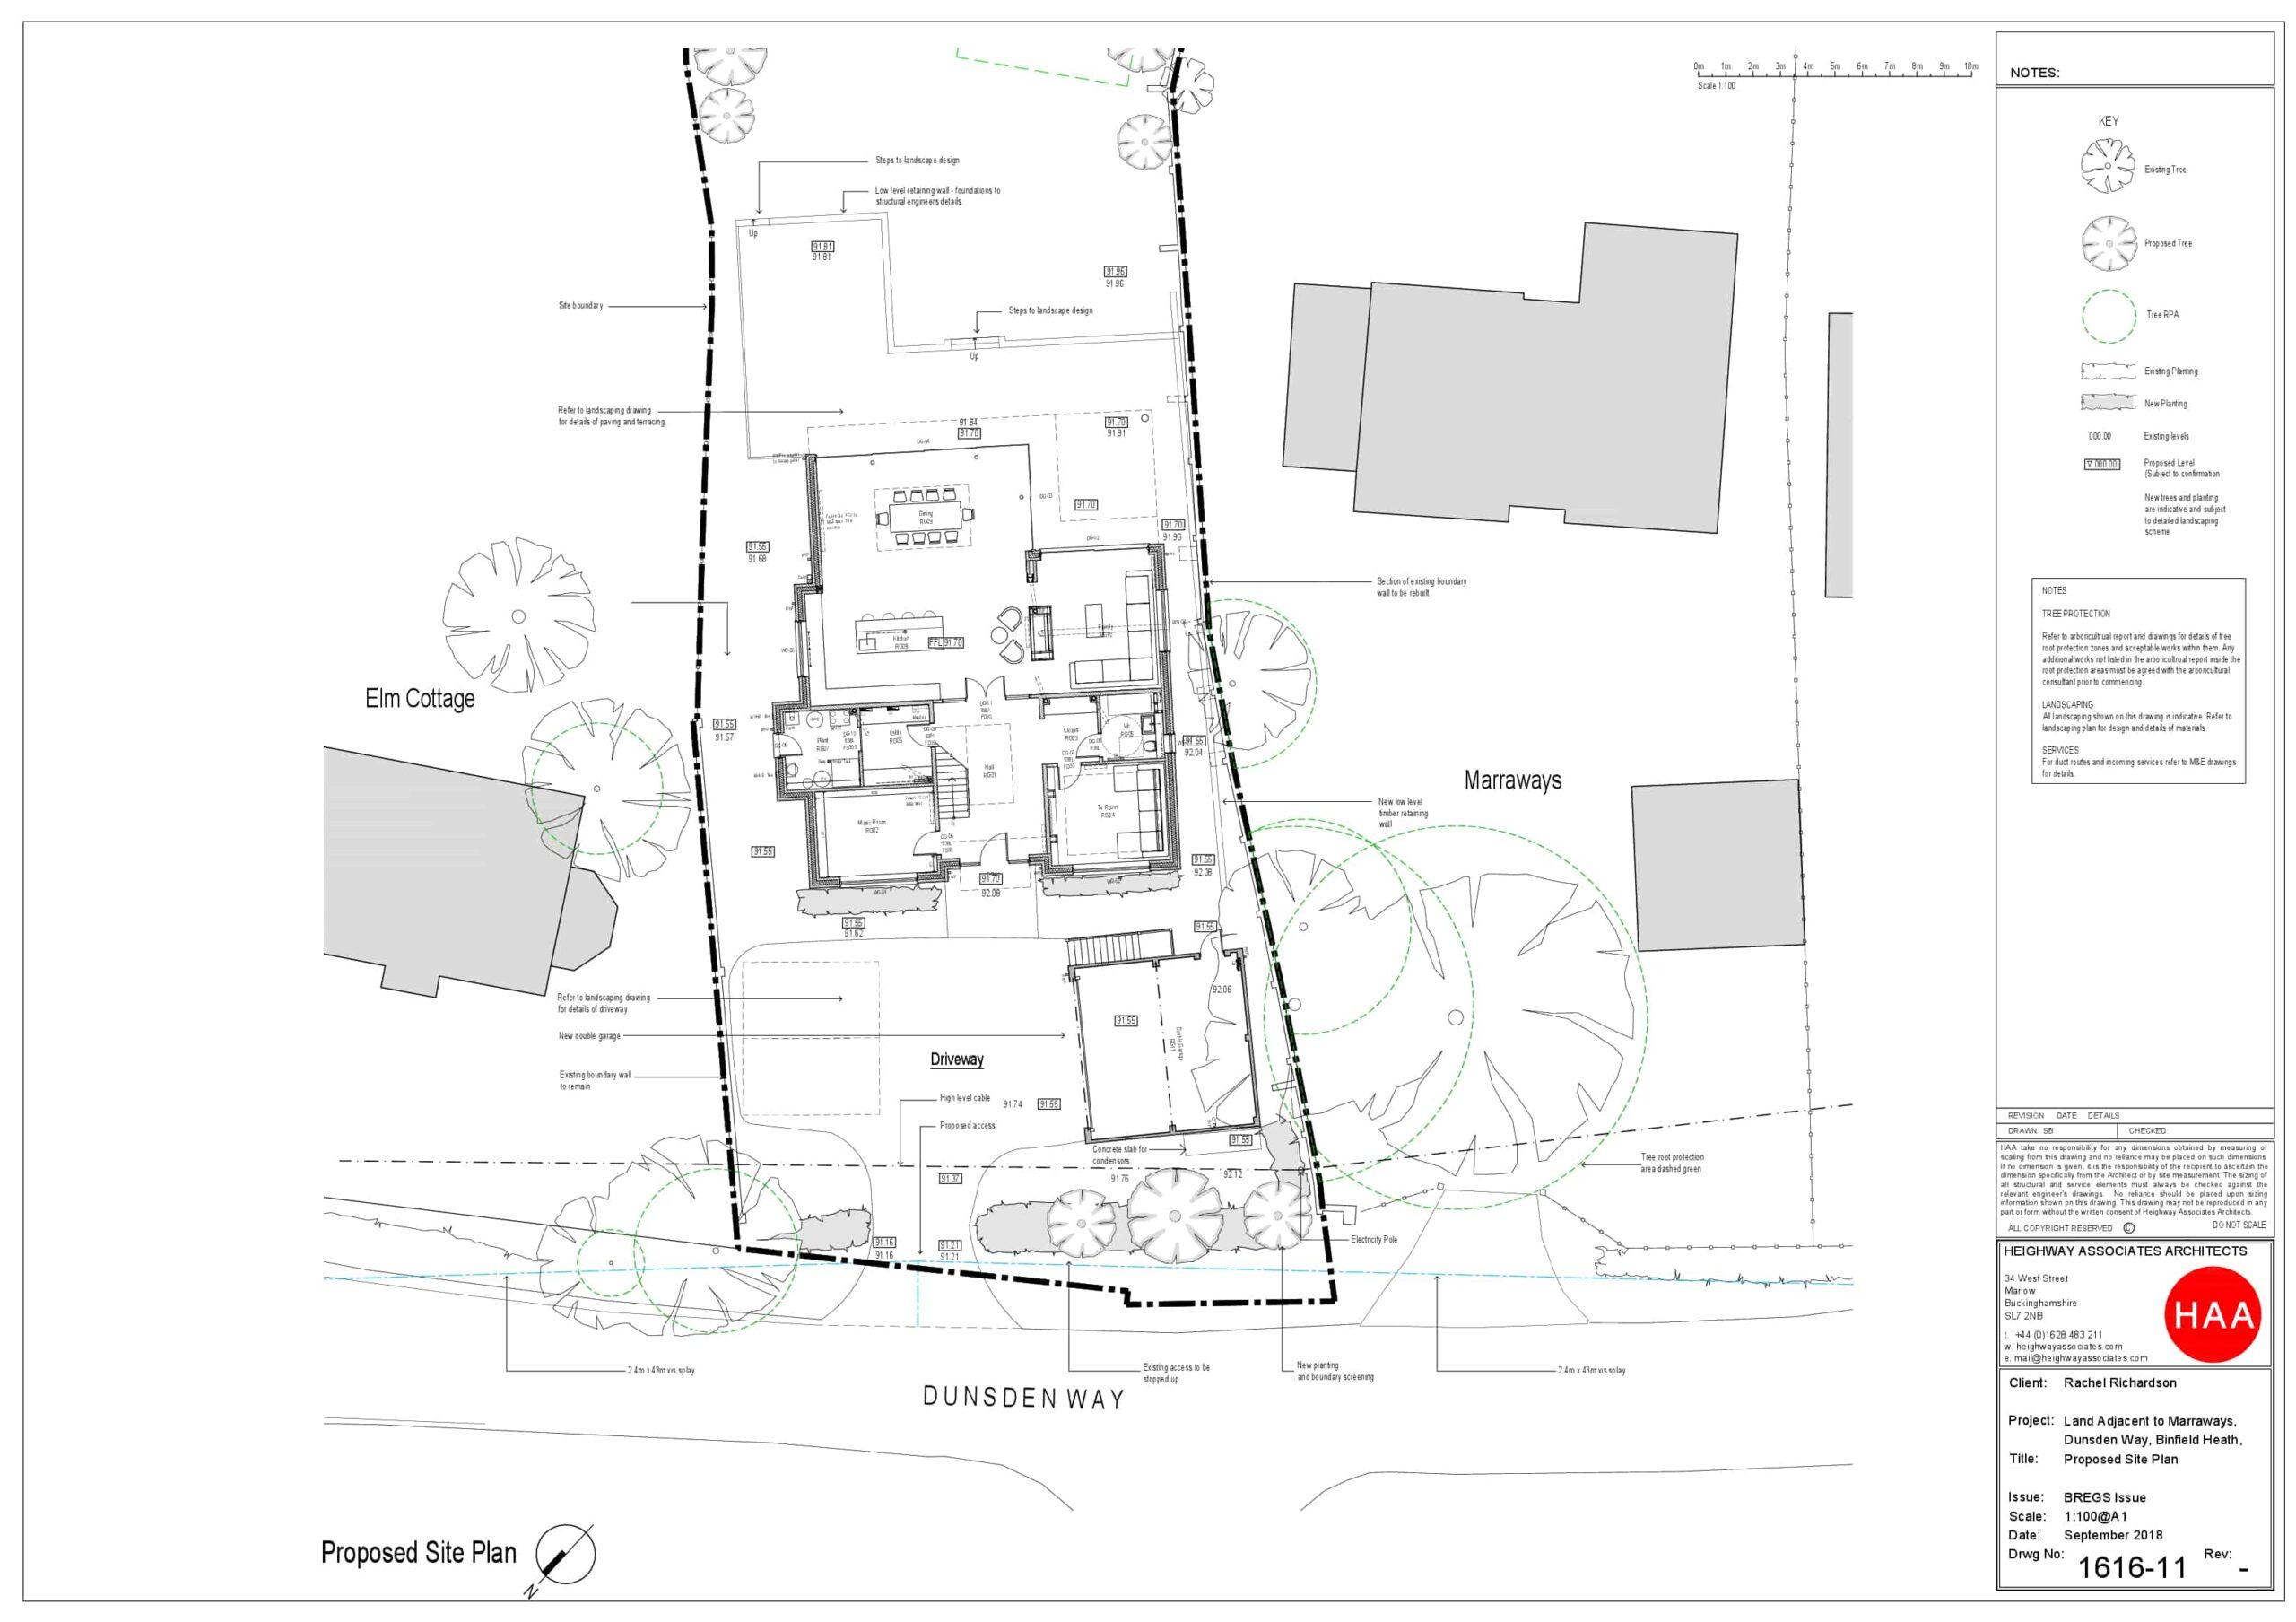 1616-11 Binfield Heath External Works BREGS